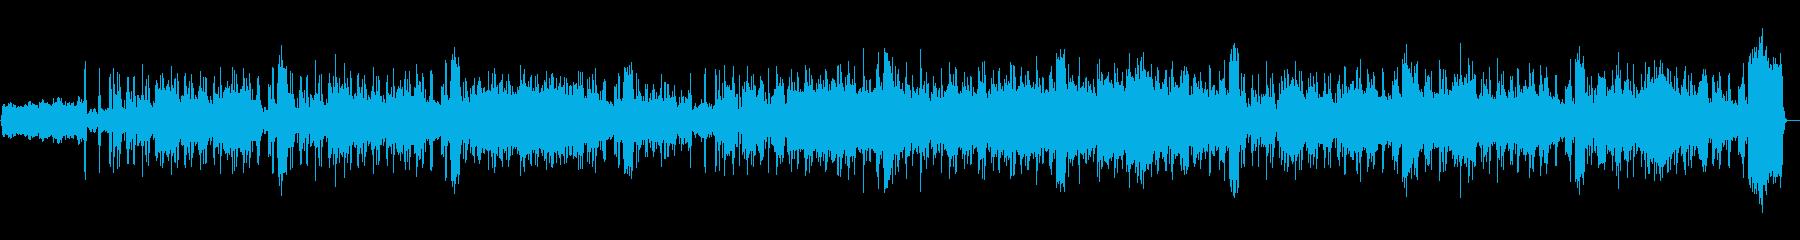 ジャズオーケストラ調のブルースの再生済みの波形